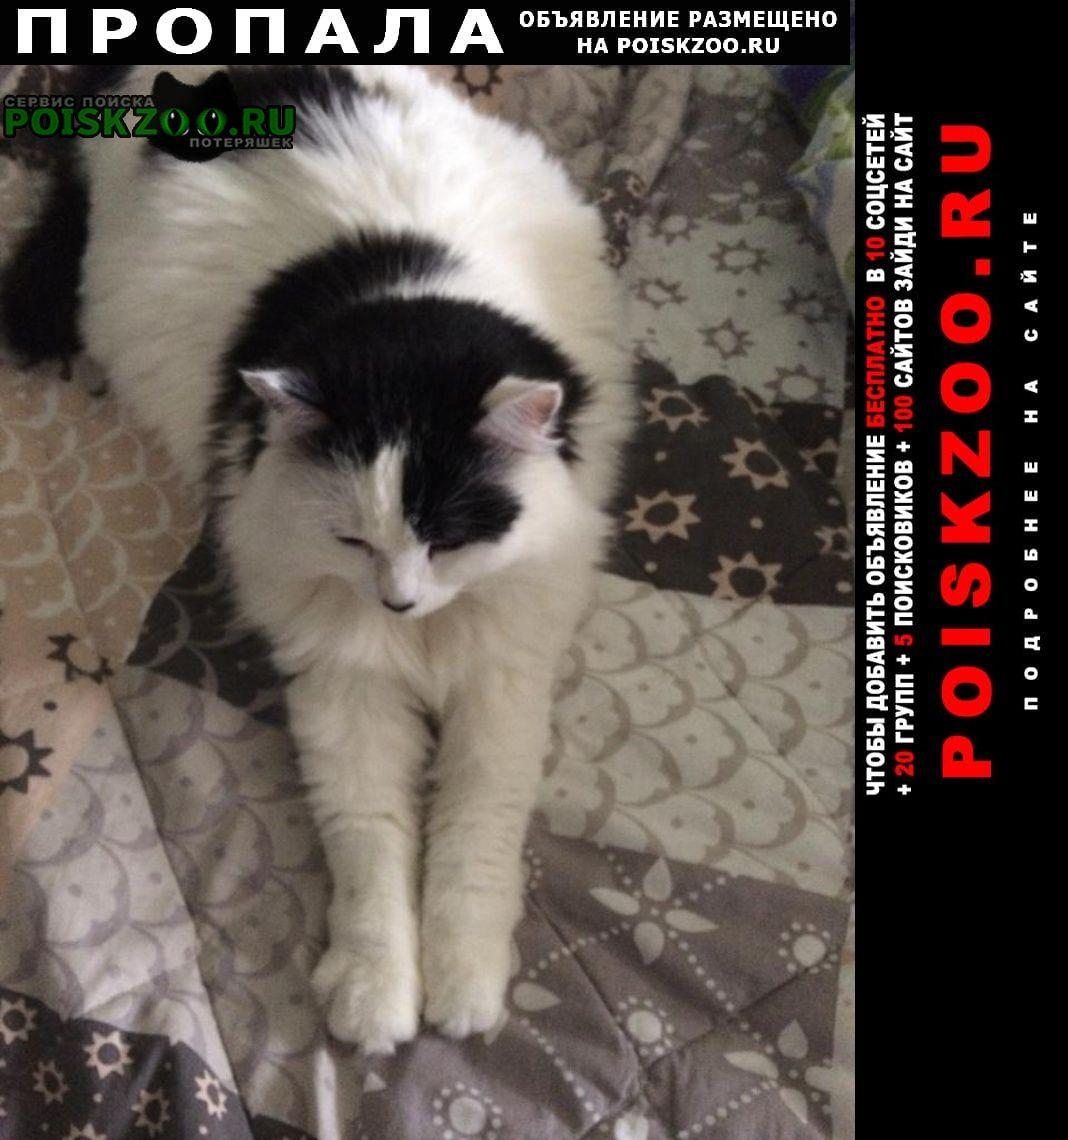 Пропала кошка в уфе посёлок шмидтово Уфа